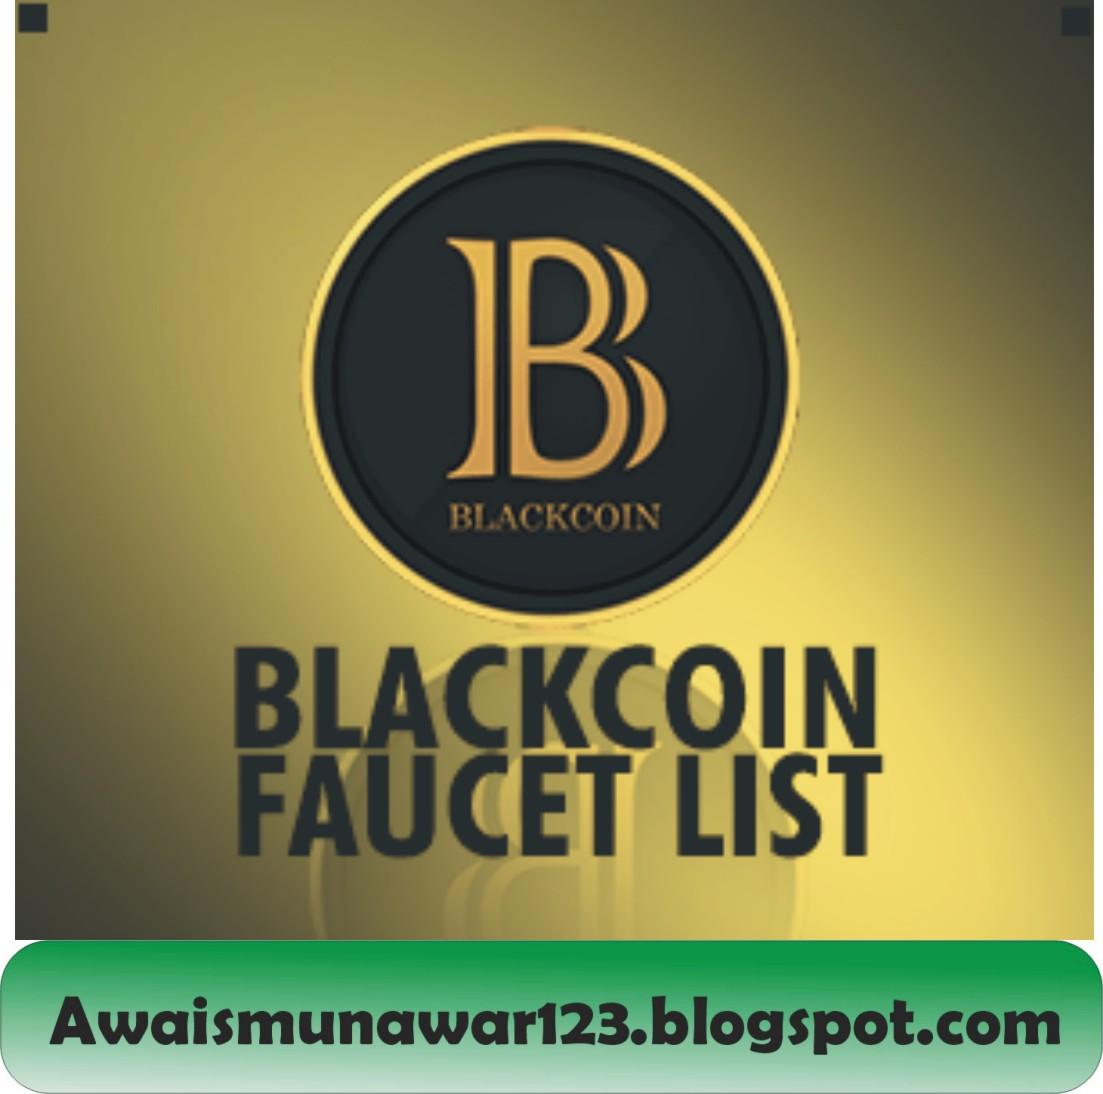 Free Blackcoin Faucet List - AWAIS MUNAWAR